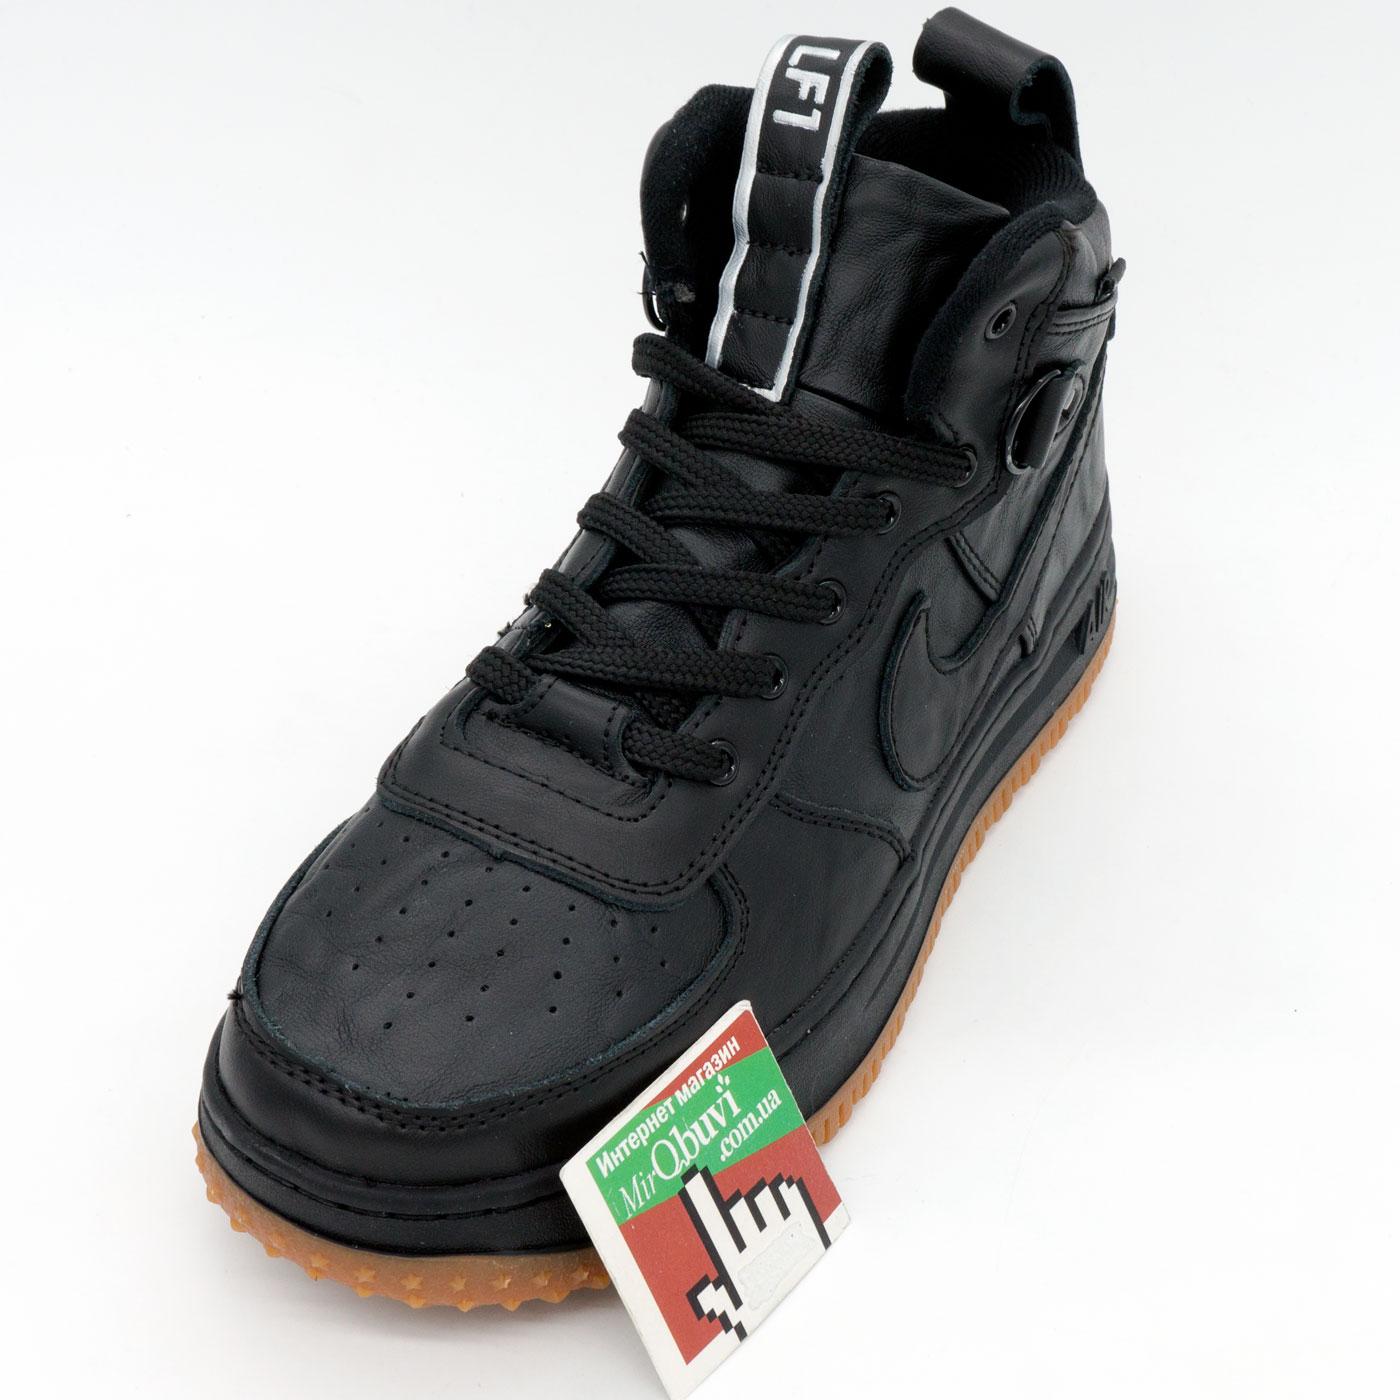 фото front Высокие кроссовки Nike Lunar Force 1 черные AIR FORCE front